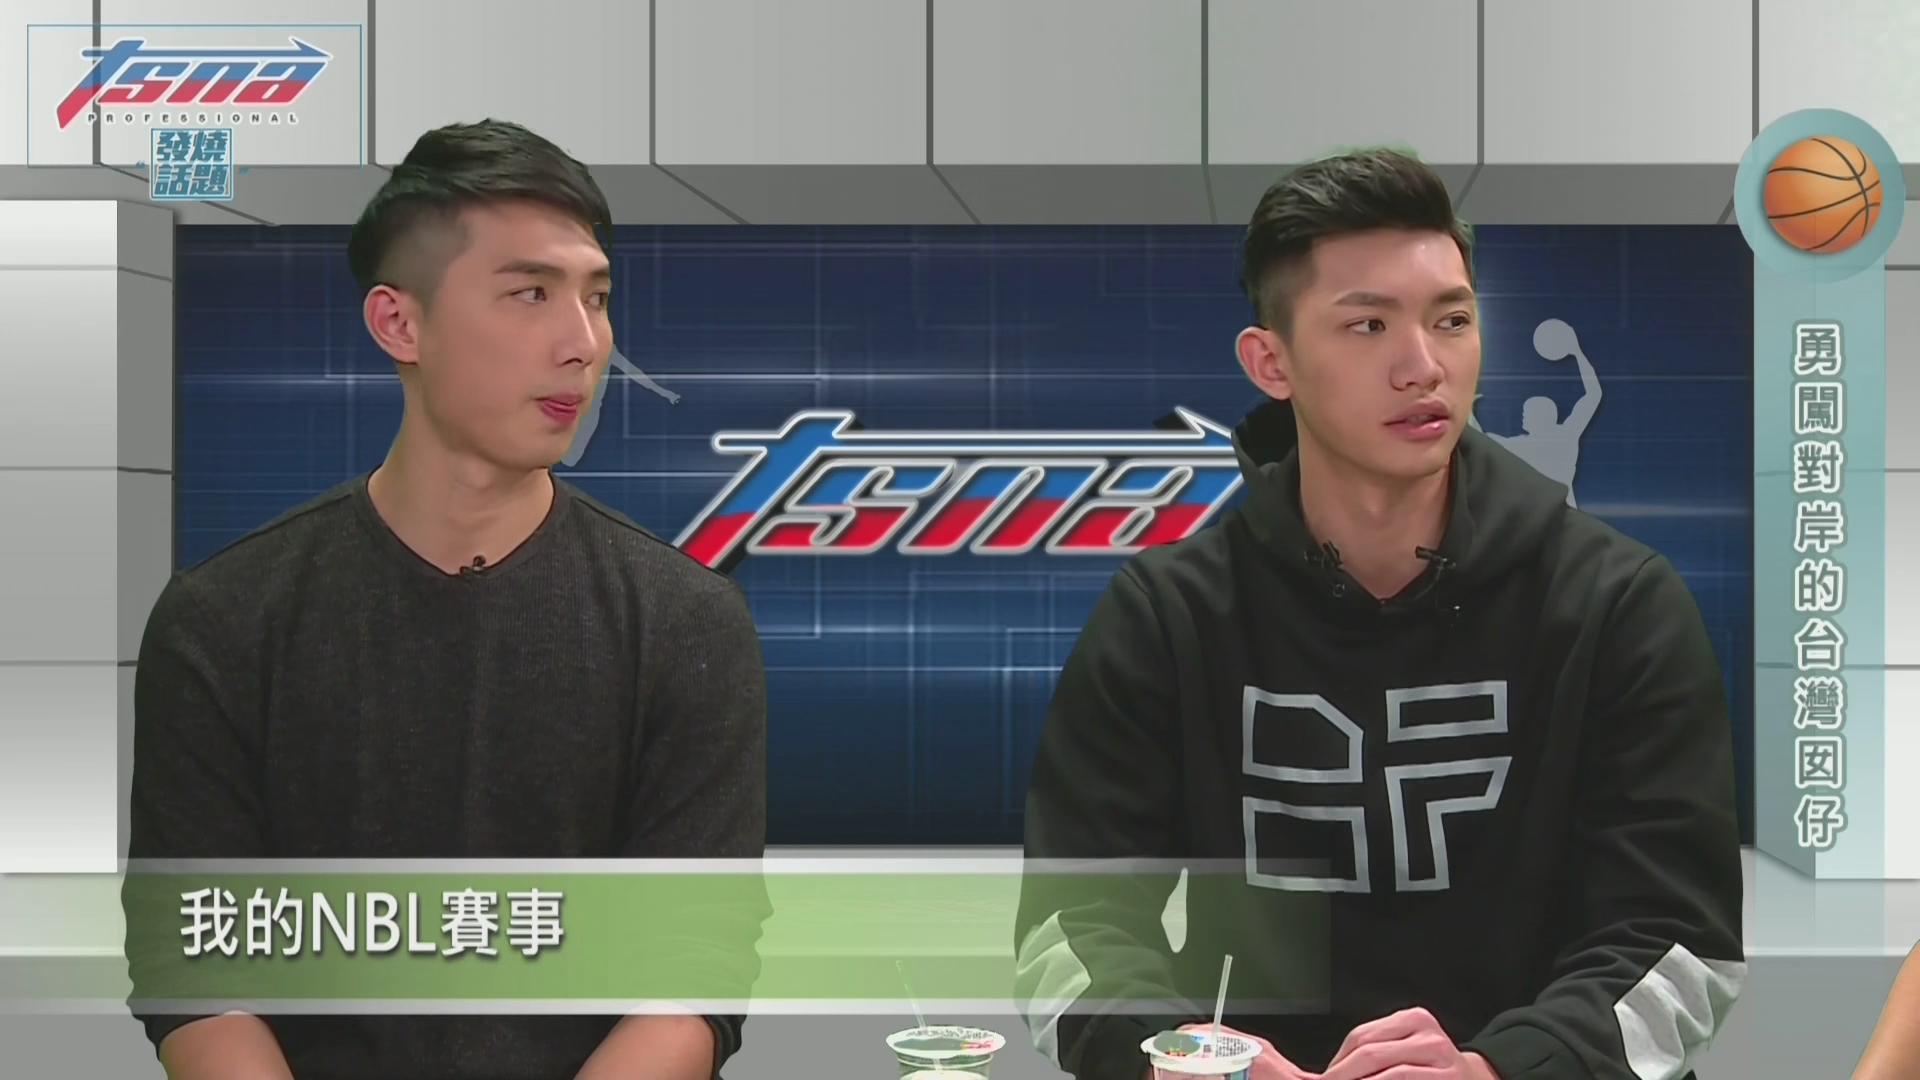 陳昱翰(右)與李漢昇(左)。(TSNA直播截圖)